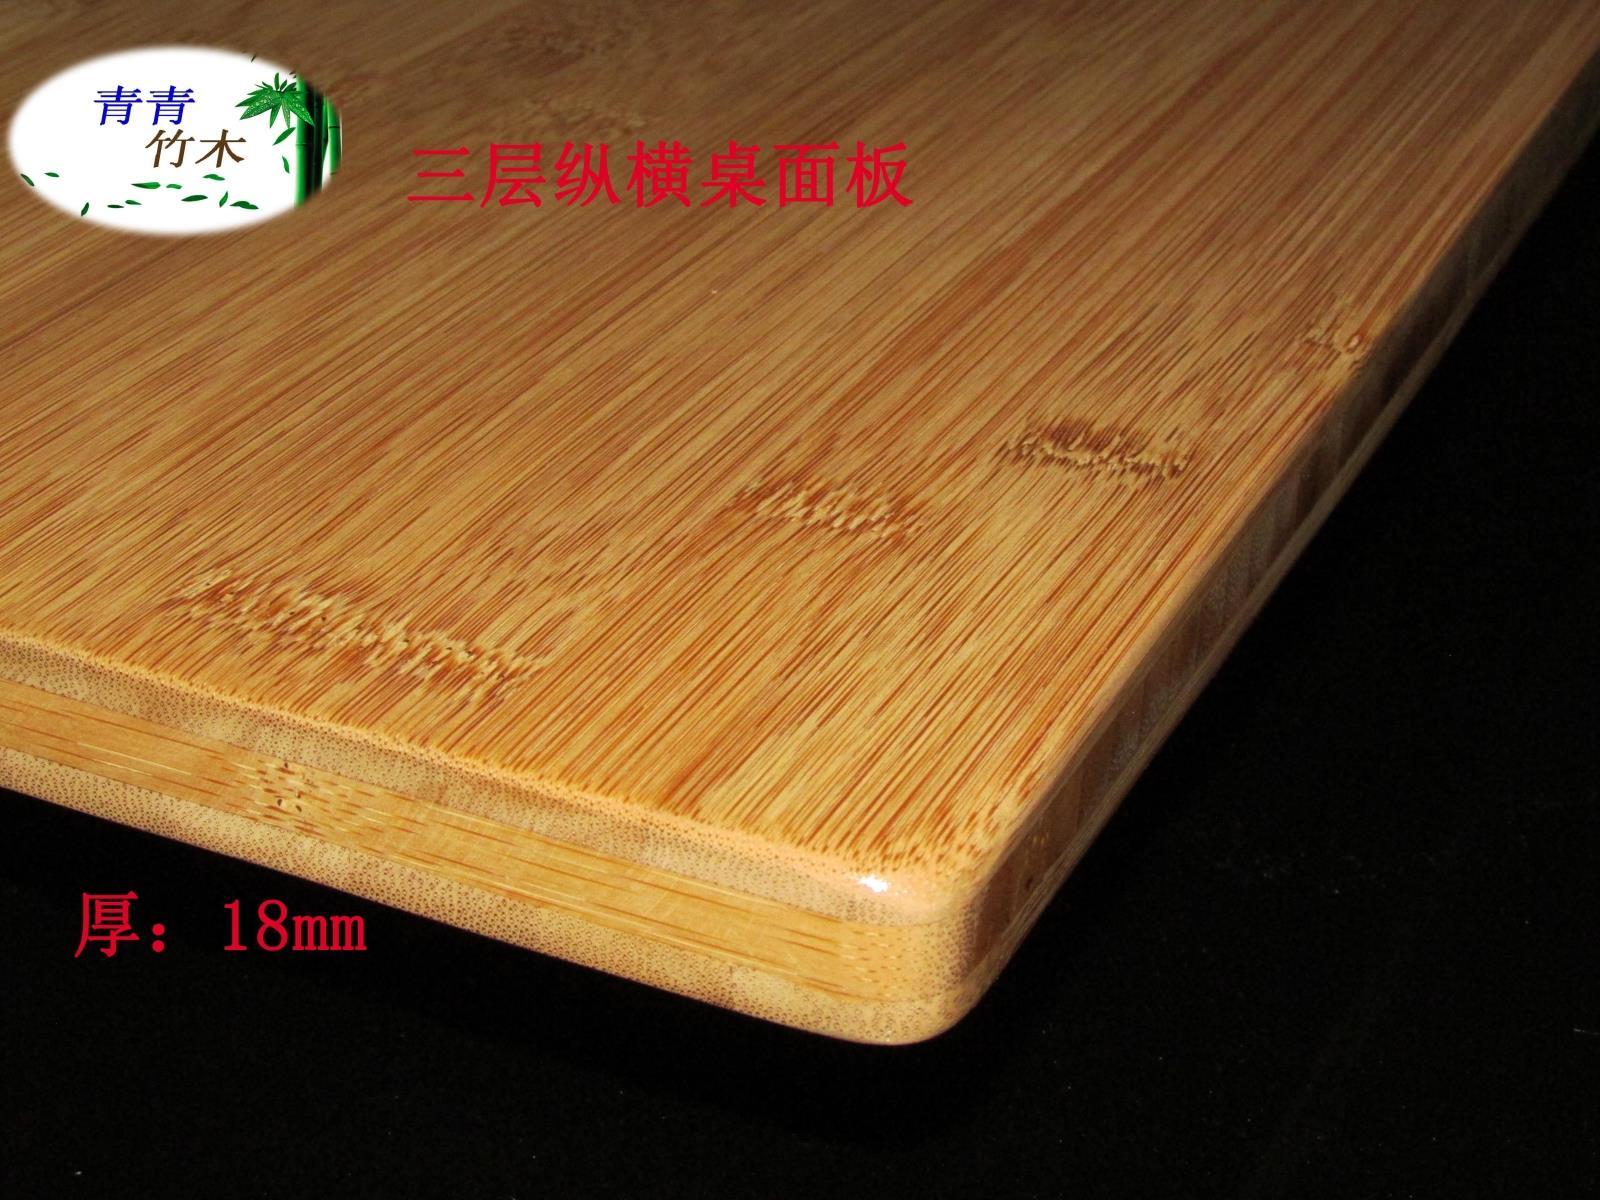 Бамбук рабочий стол обычай / запись работа компьютер окно столовая гора доска / дело доска обеденный стол доска твердый дерево бамбук лист материал